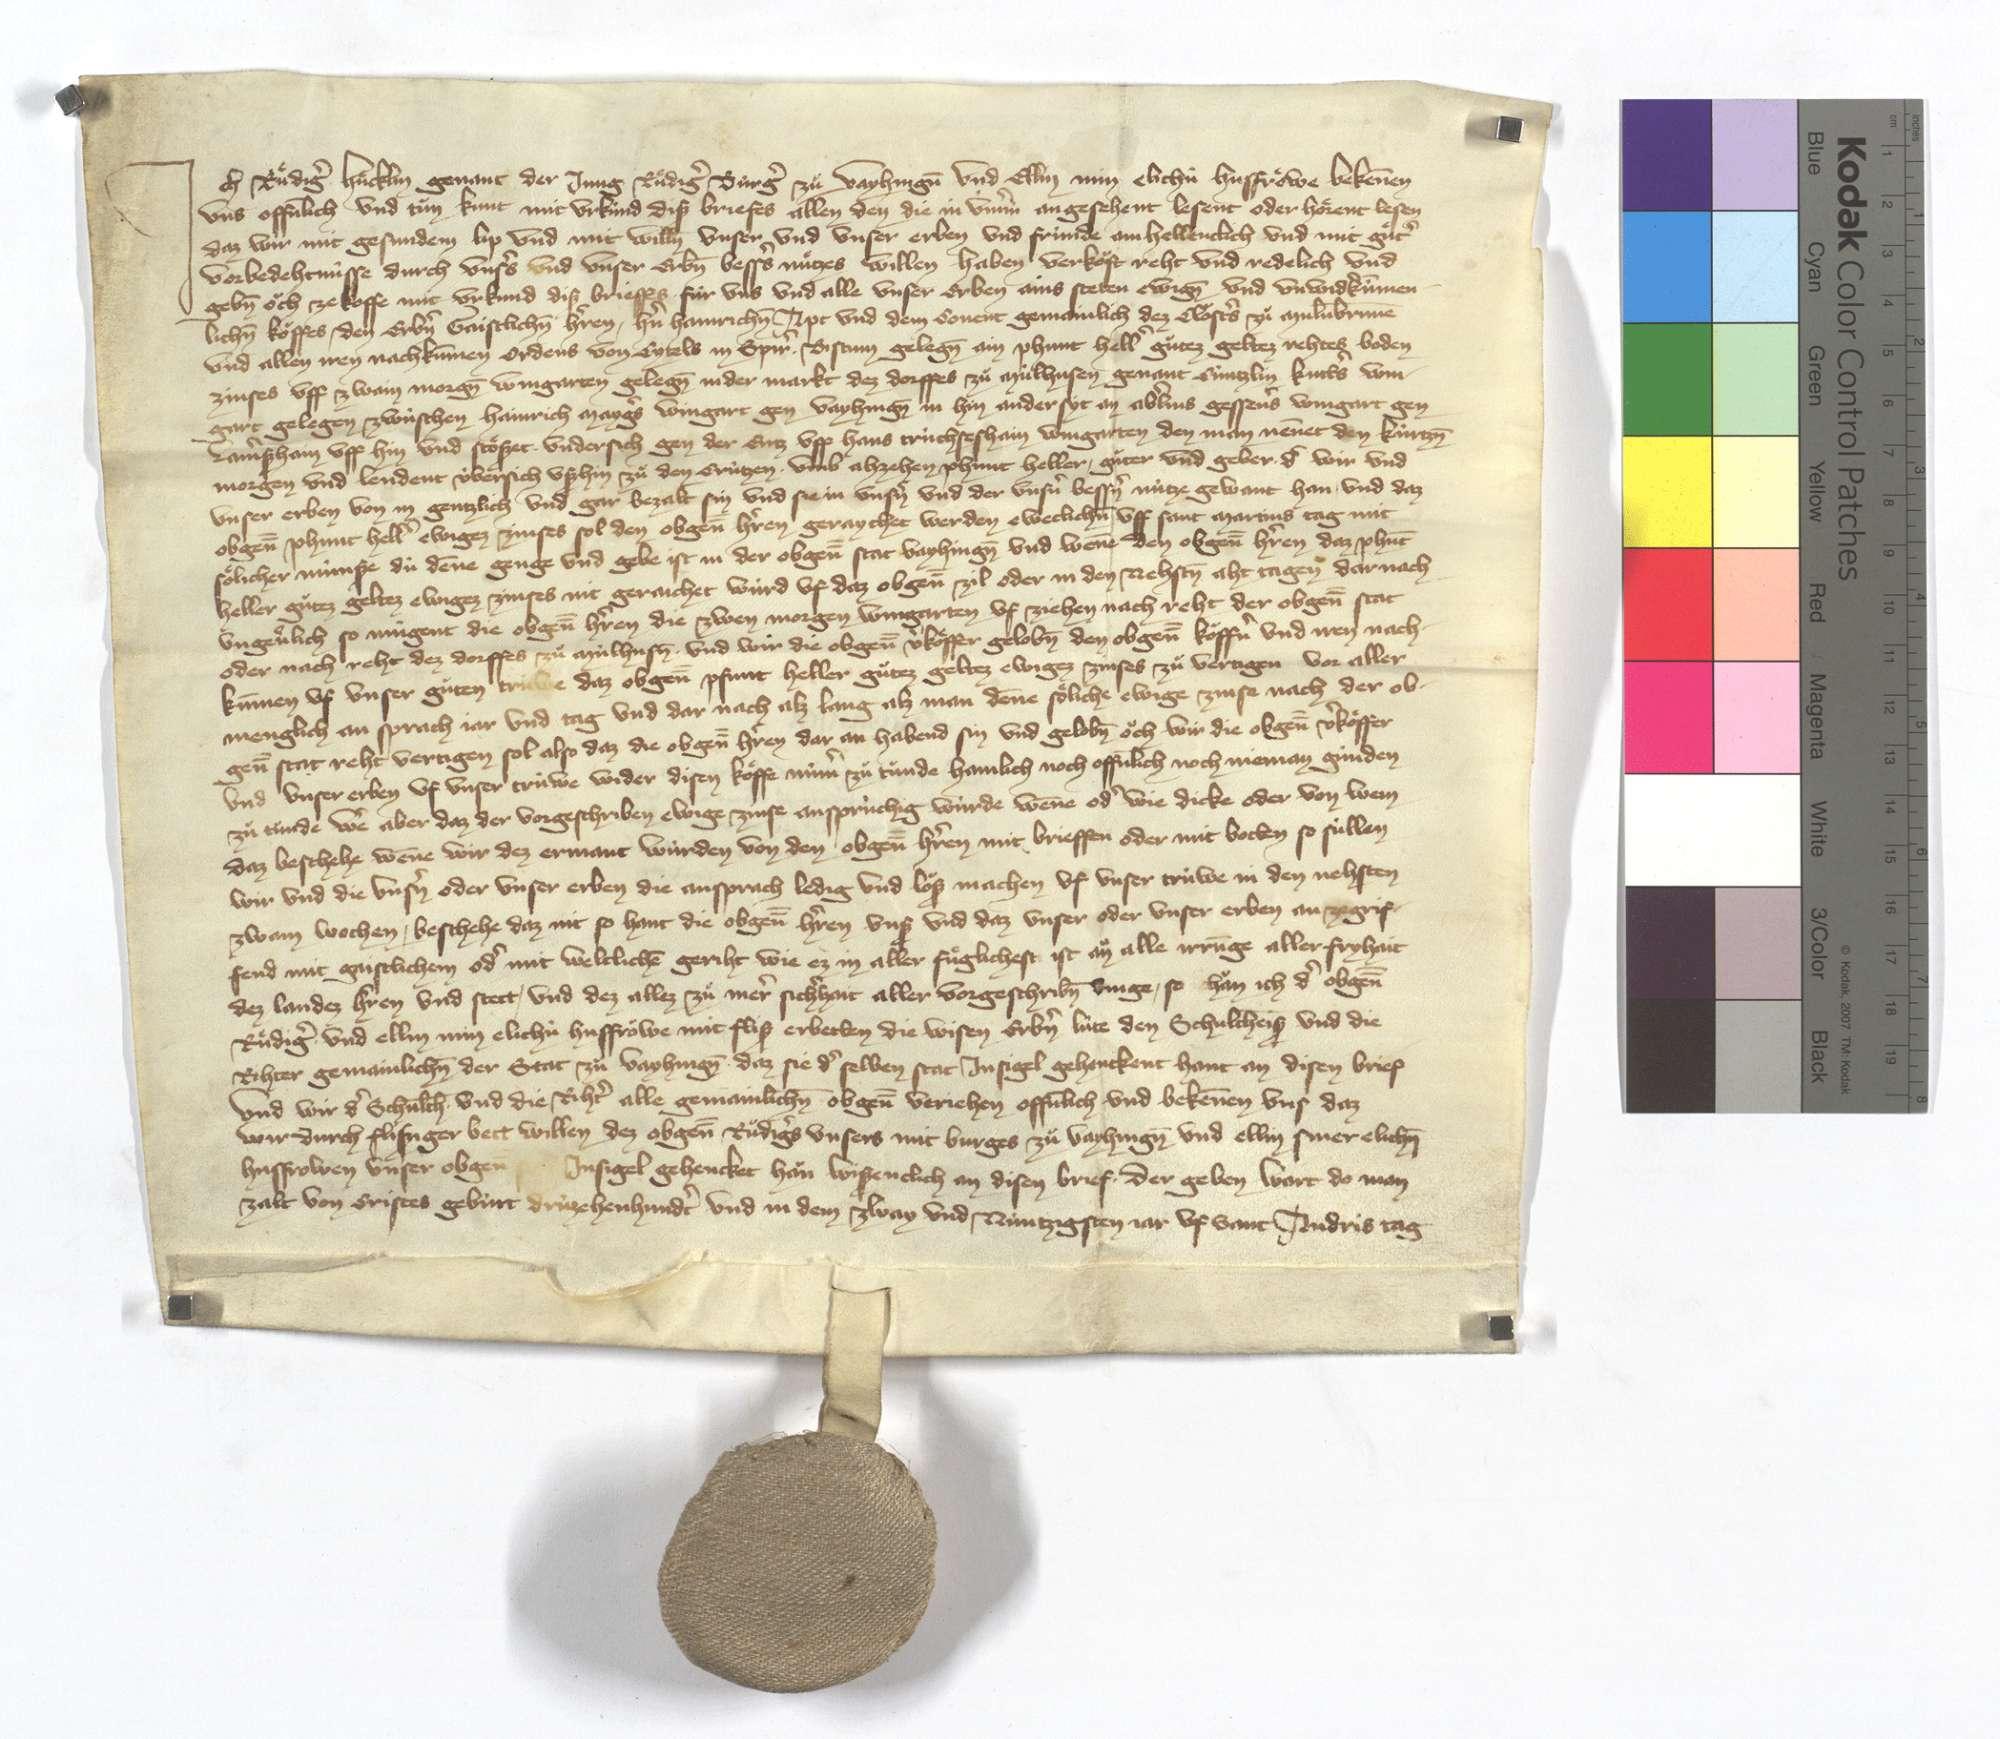 Rüdiger Hücklin von Vaihingen verkauft dem Kloster Maulbronn 1 Pfund Heller ewigen Bodenzins aus etlichen Gütern in Mühlhausen (Mülhausen)., Text